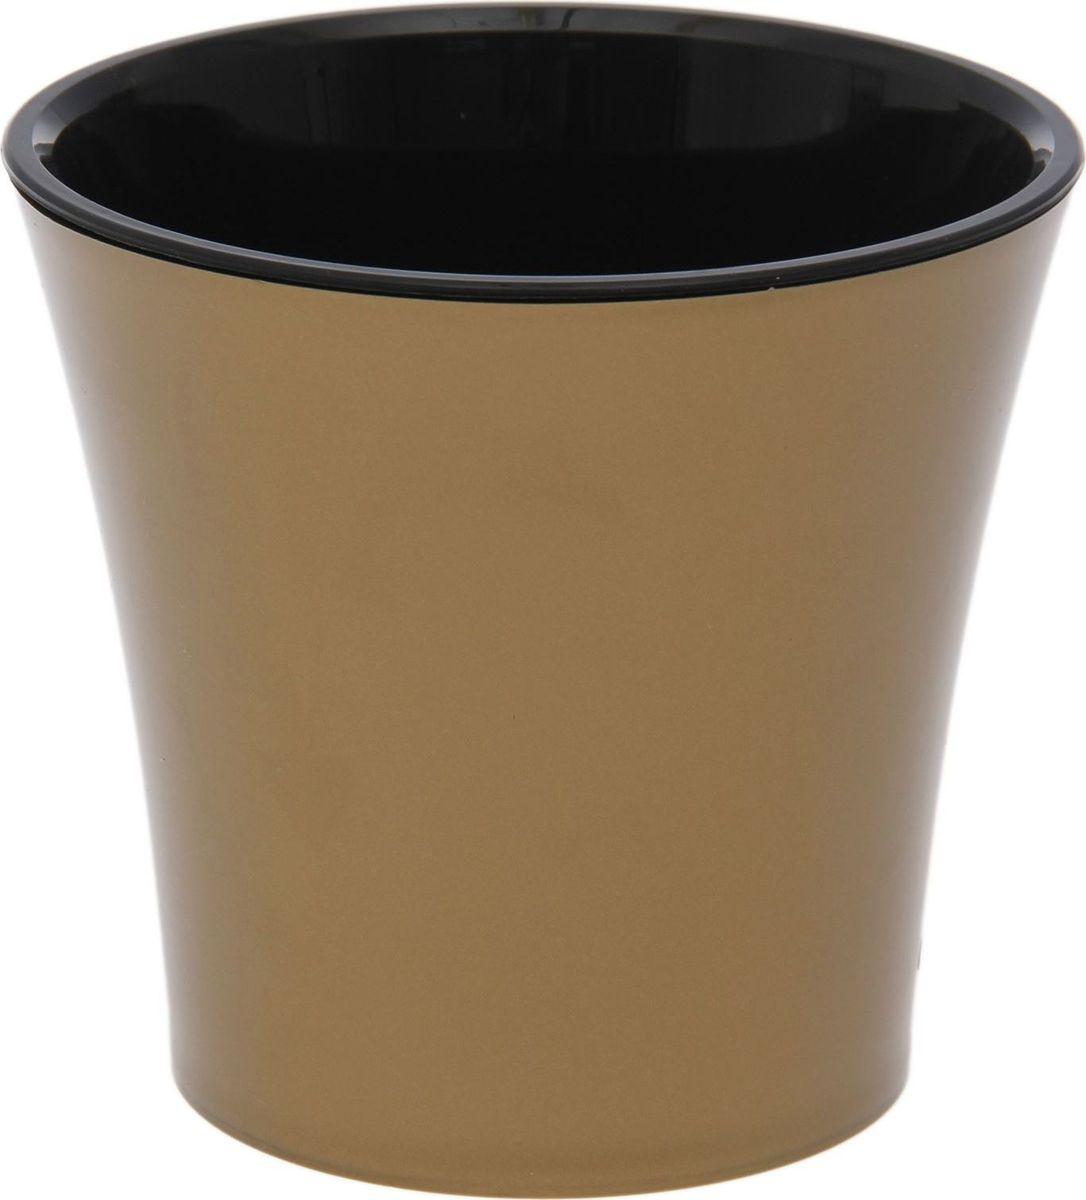 Горшок для цветов Santino Арте, цвет: золотистый, черный, 0,6 л1510704Горшок Santino Арте, выполненный из высококачественного пластика, предназначен для выращивания комнатных цветов, растений и трав. Специальная конструкция обеспечивает вентиляцию в корневой системе растения, а дренажные отверстия позволяют выходить лишней влаге из почвы. Такой горшок порадует вас современным дизайном и функциональностью, а также оригинально украсит интерьер любого помещения. Размеры внутреннего вкладыша - высота 10 см, верхний диаметр - 11 см, нижний - 8 см.